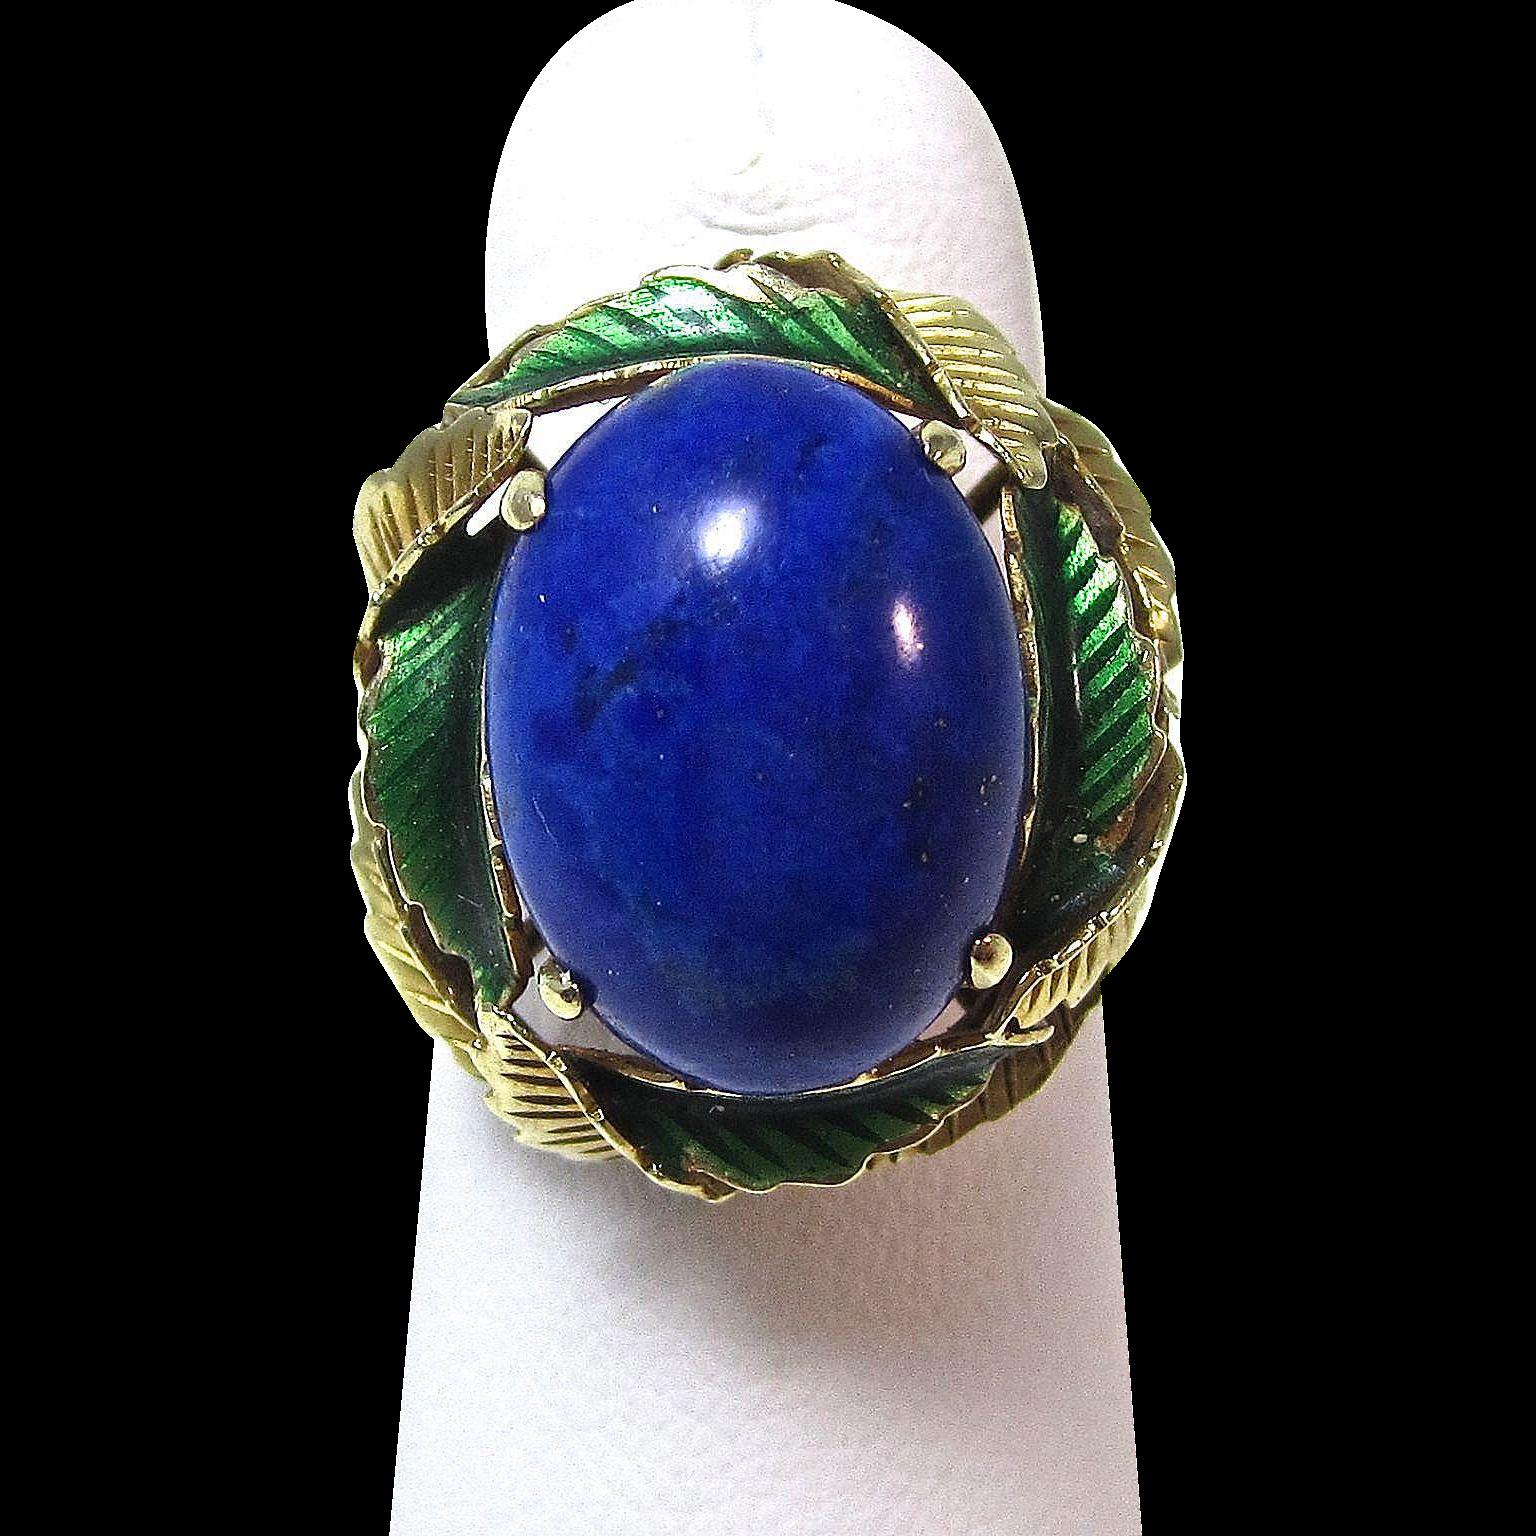 Vintage Estate 1950 S Lapis Lazuli Enamel Cocktail Ring